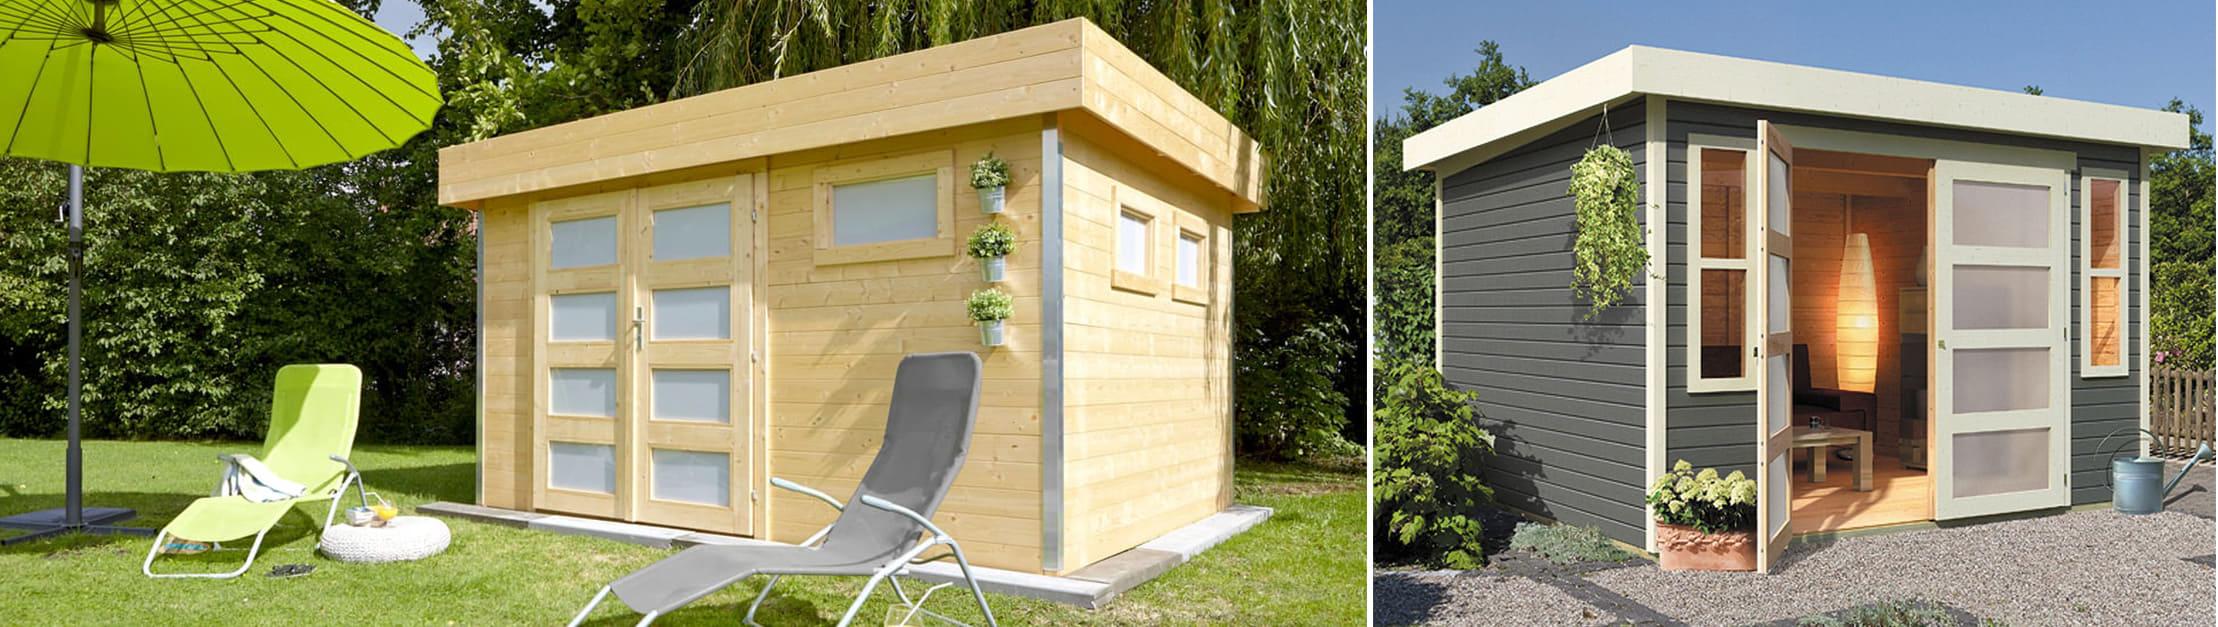 Construire Un Abri A Velo construire son abri ou son chalet de jardin – sophaldis